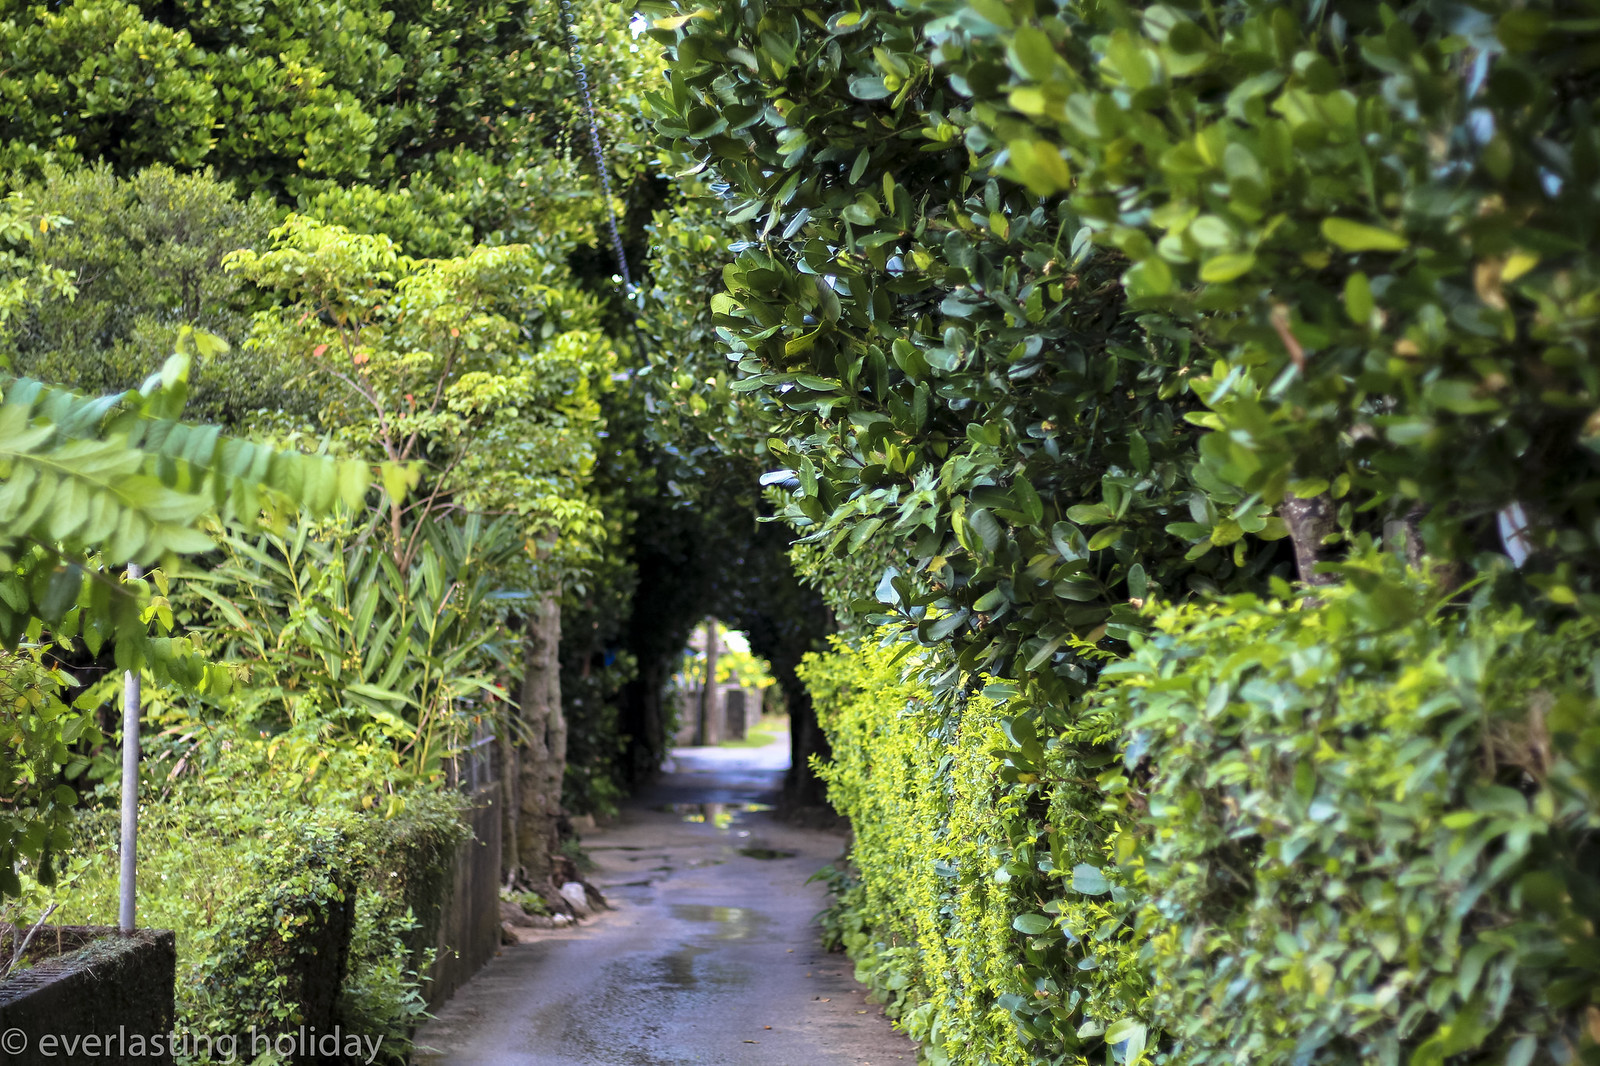 備瀬フクギ並木通り Bise Fukugi Tree Road-0002